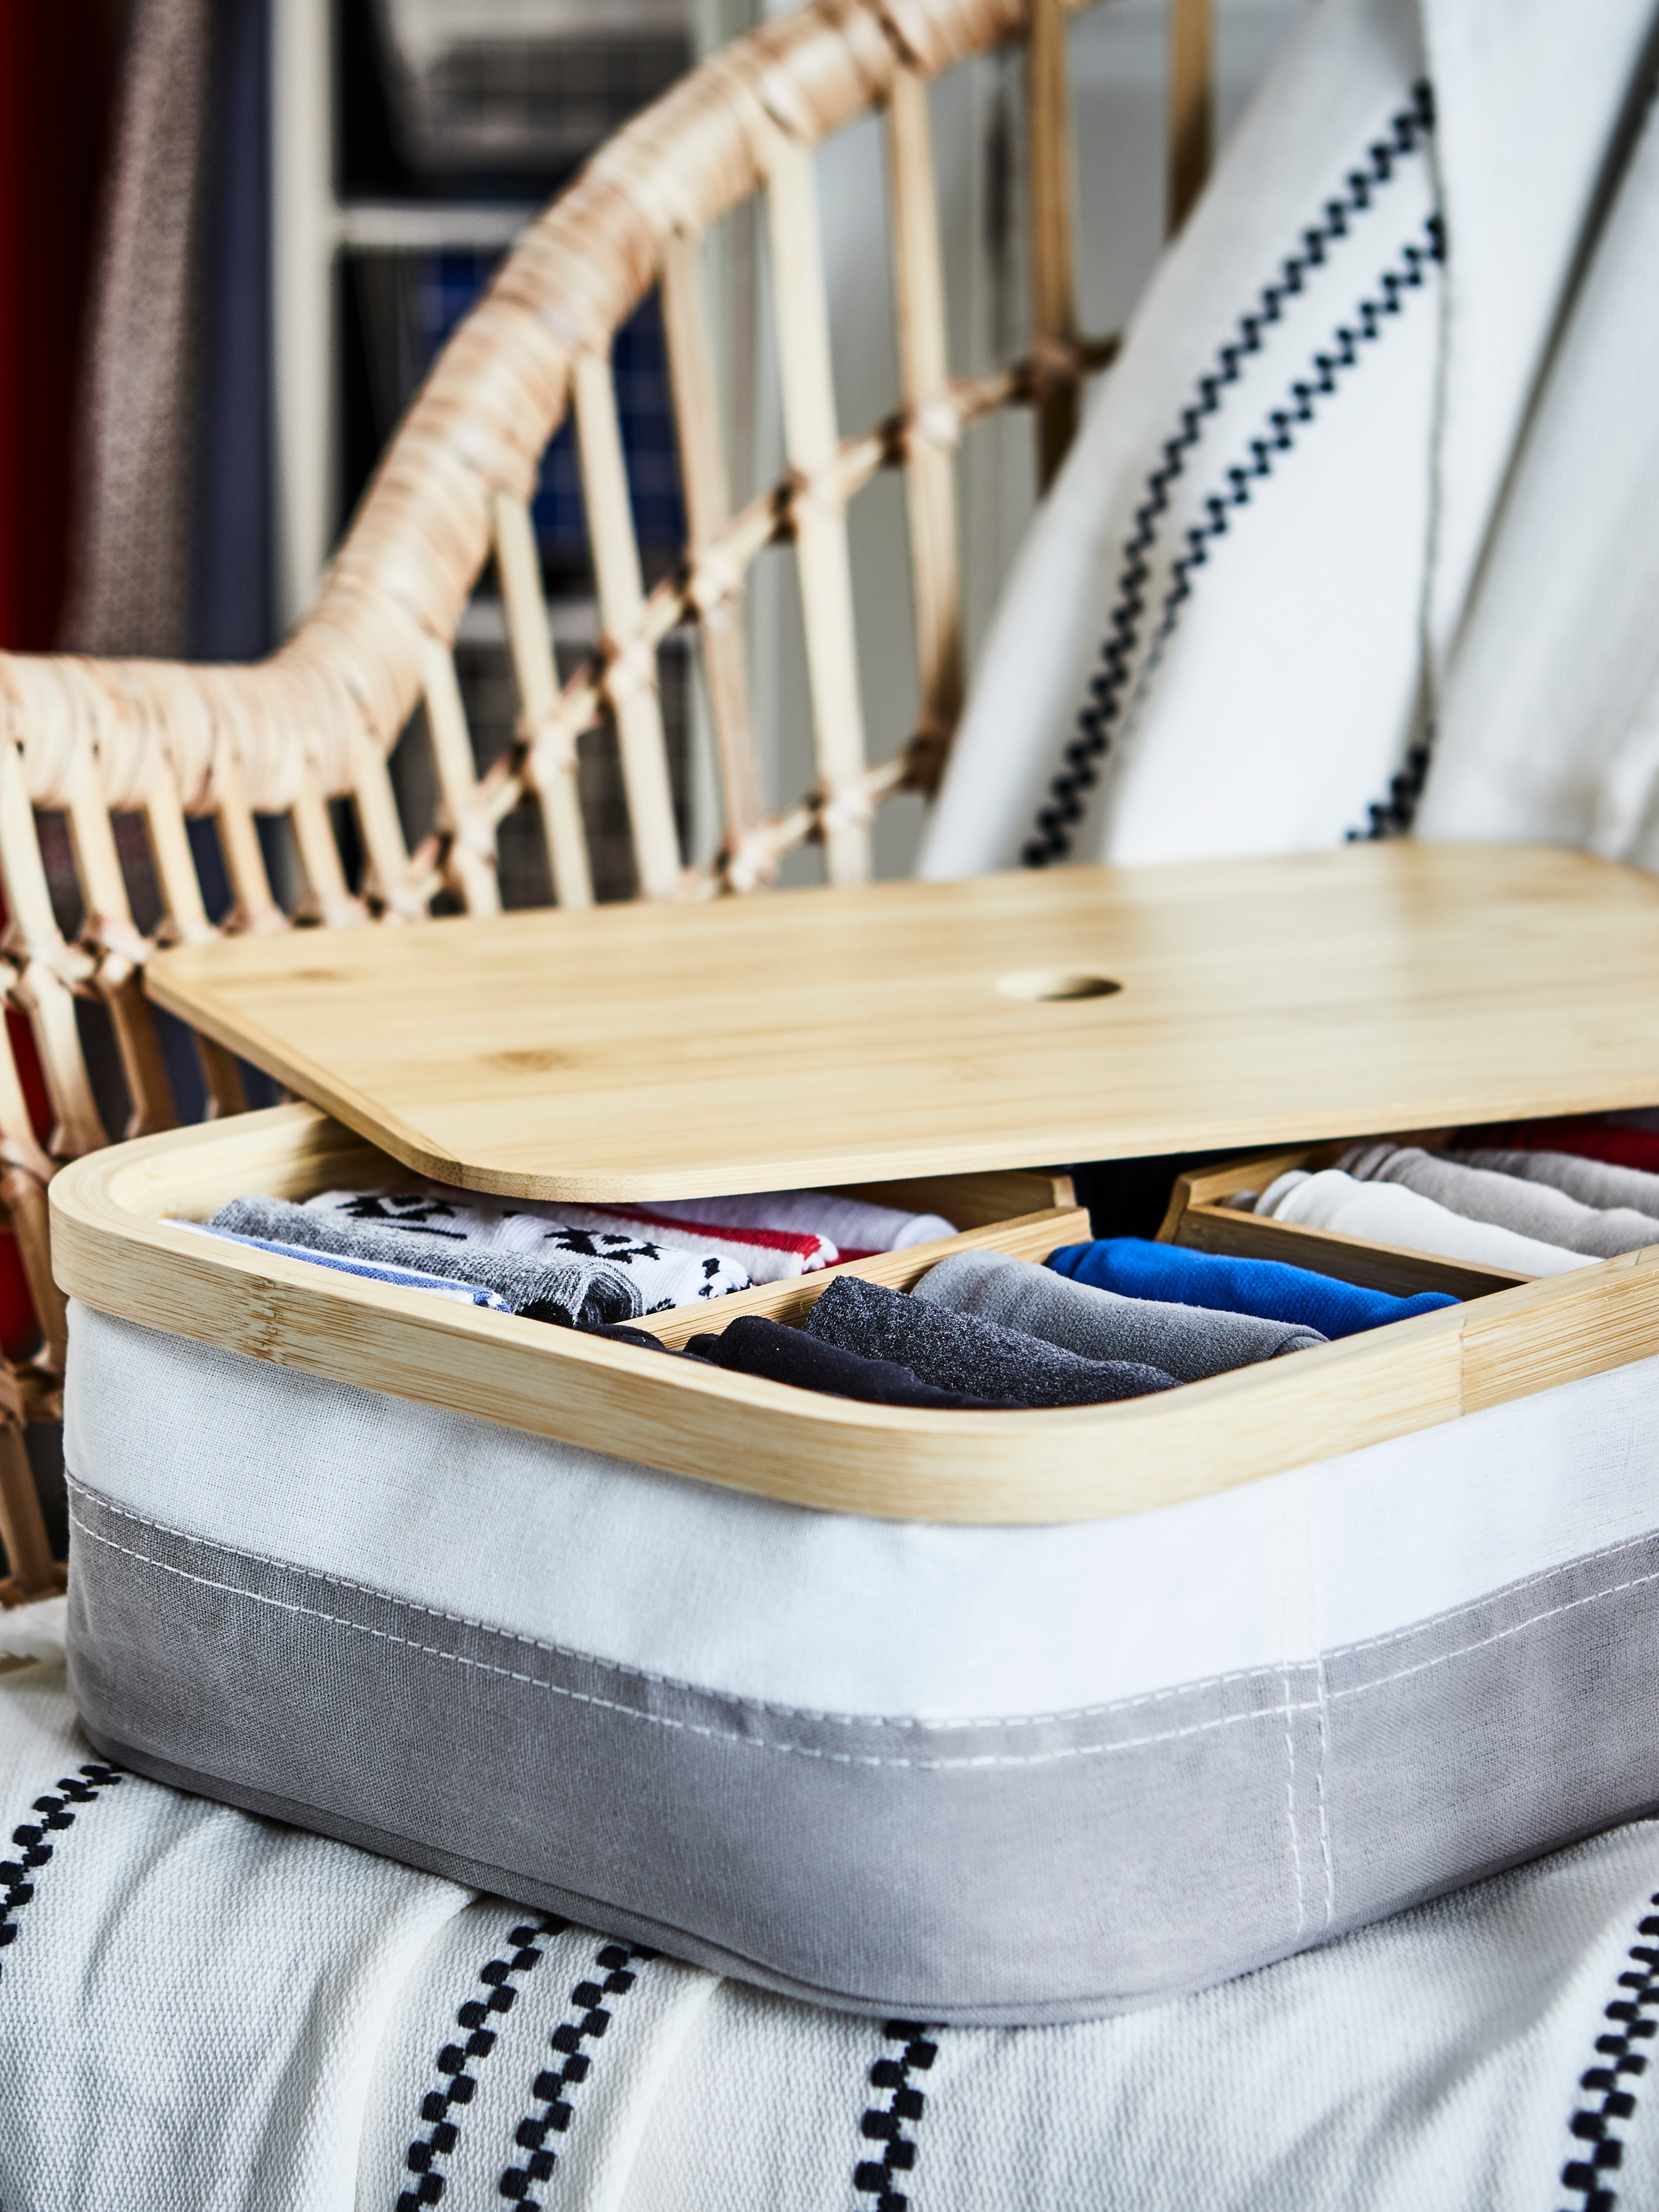 RABBLA kutija s odjeljcima i drvenim poklopcem na pletenoj stolici, u kojoj je i pamučni konac i razni drugi predmeti za šivanje.